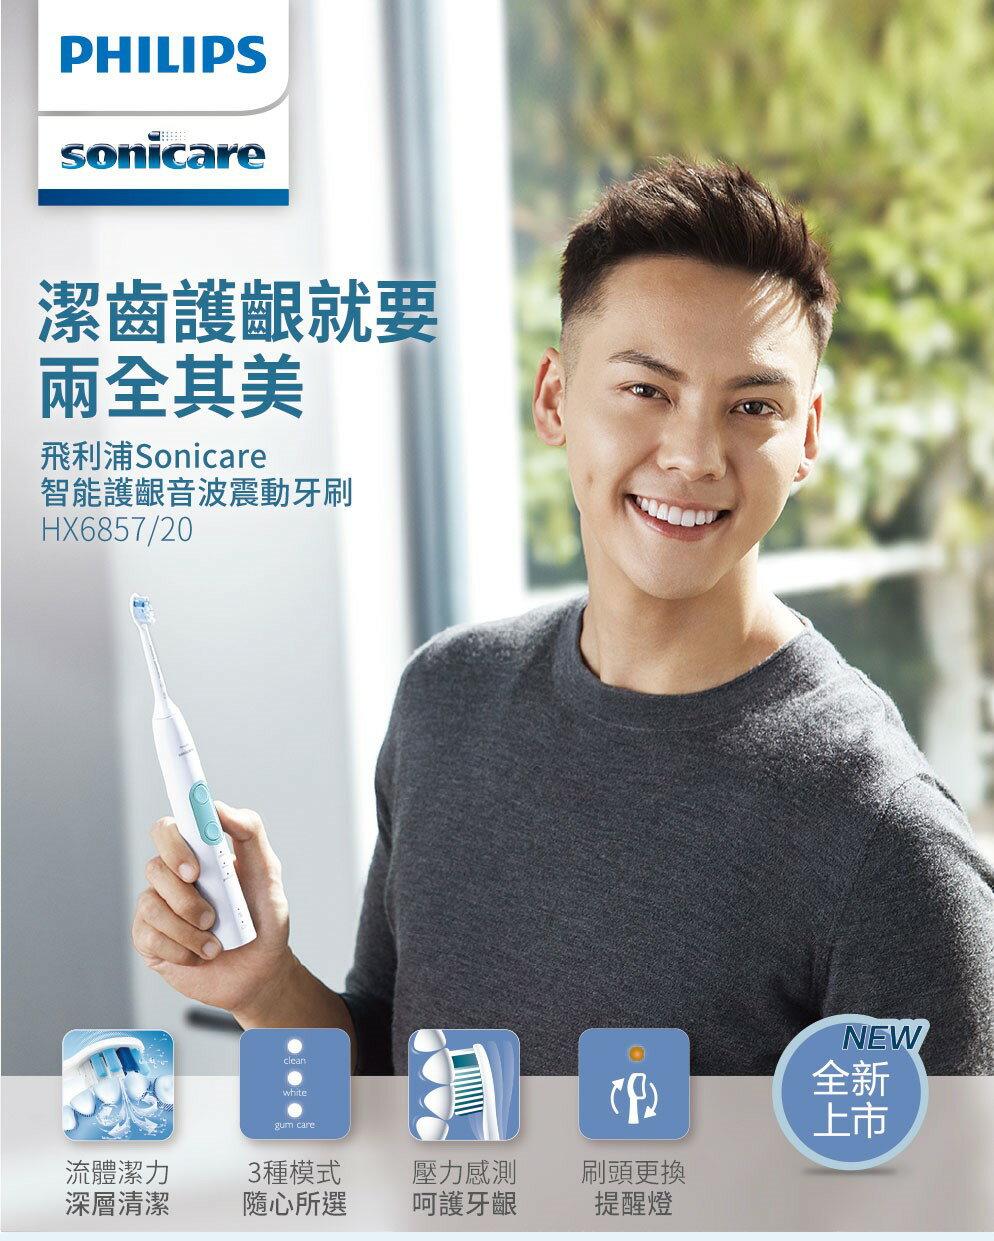 【飛利浦】Sonicare智能護齦音波震動牙刷(晶綠白,附旅行盒) HX6857/20